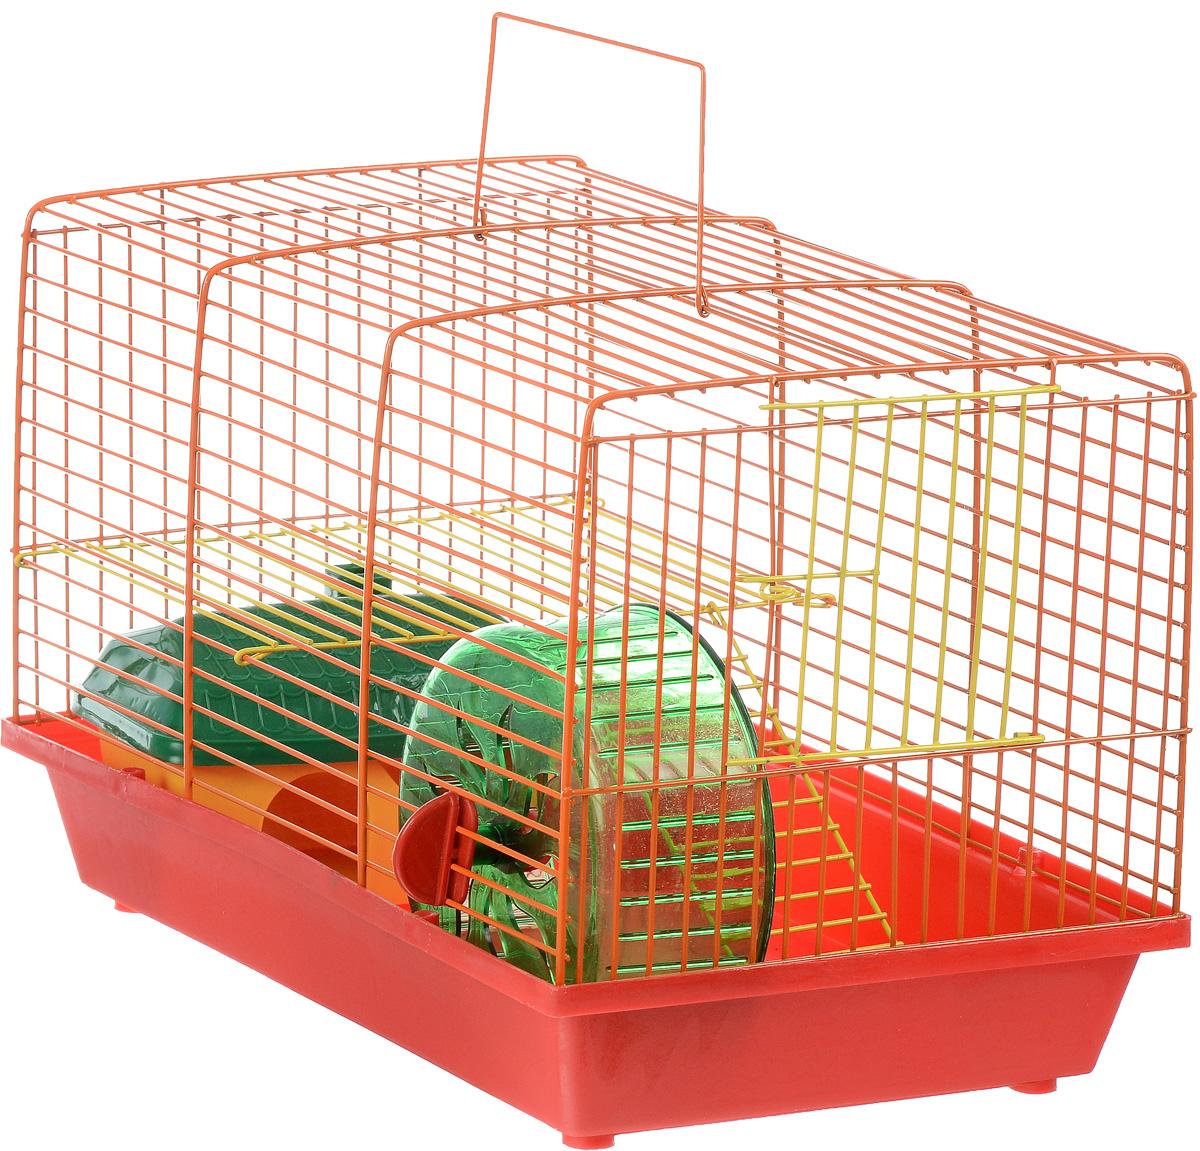 Клетка для грызунов  ЗооМарк , 2-этажная, цвет: красный поддон, оранжевая решетка, желтый этаж, 36 х 22 х 24 см